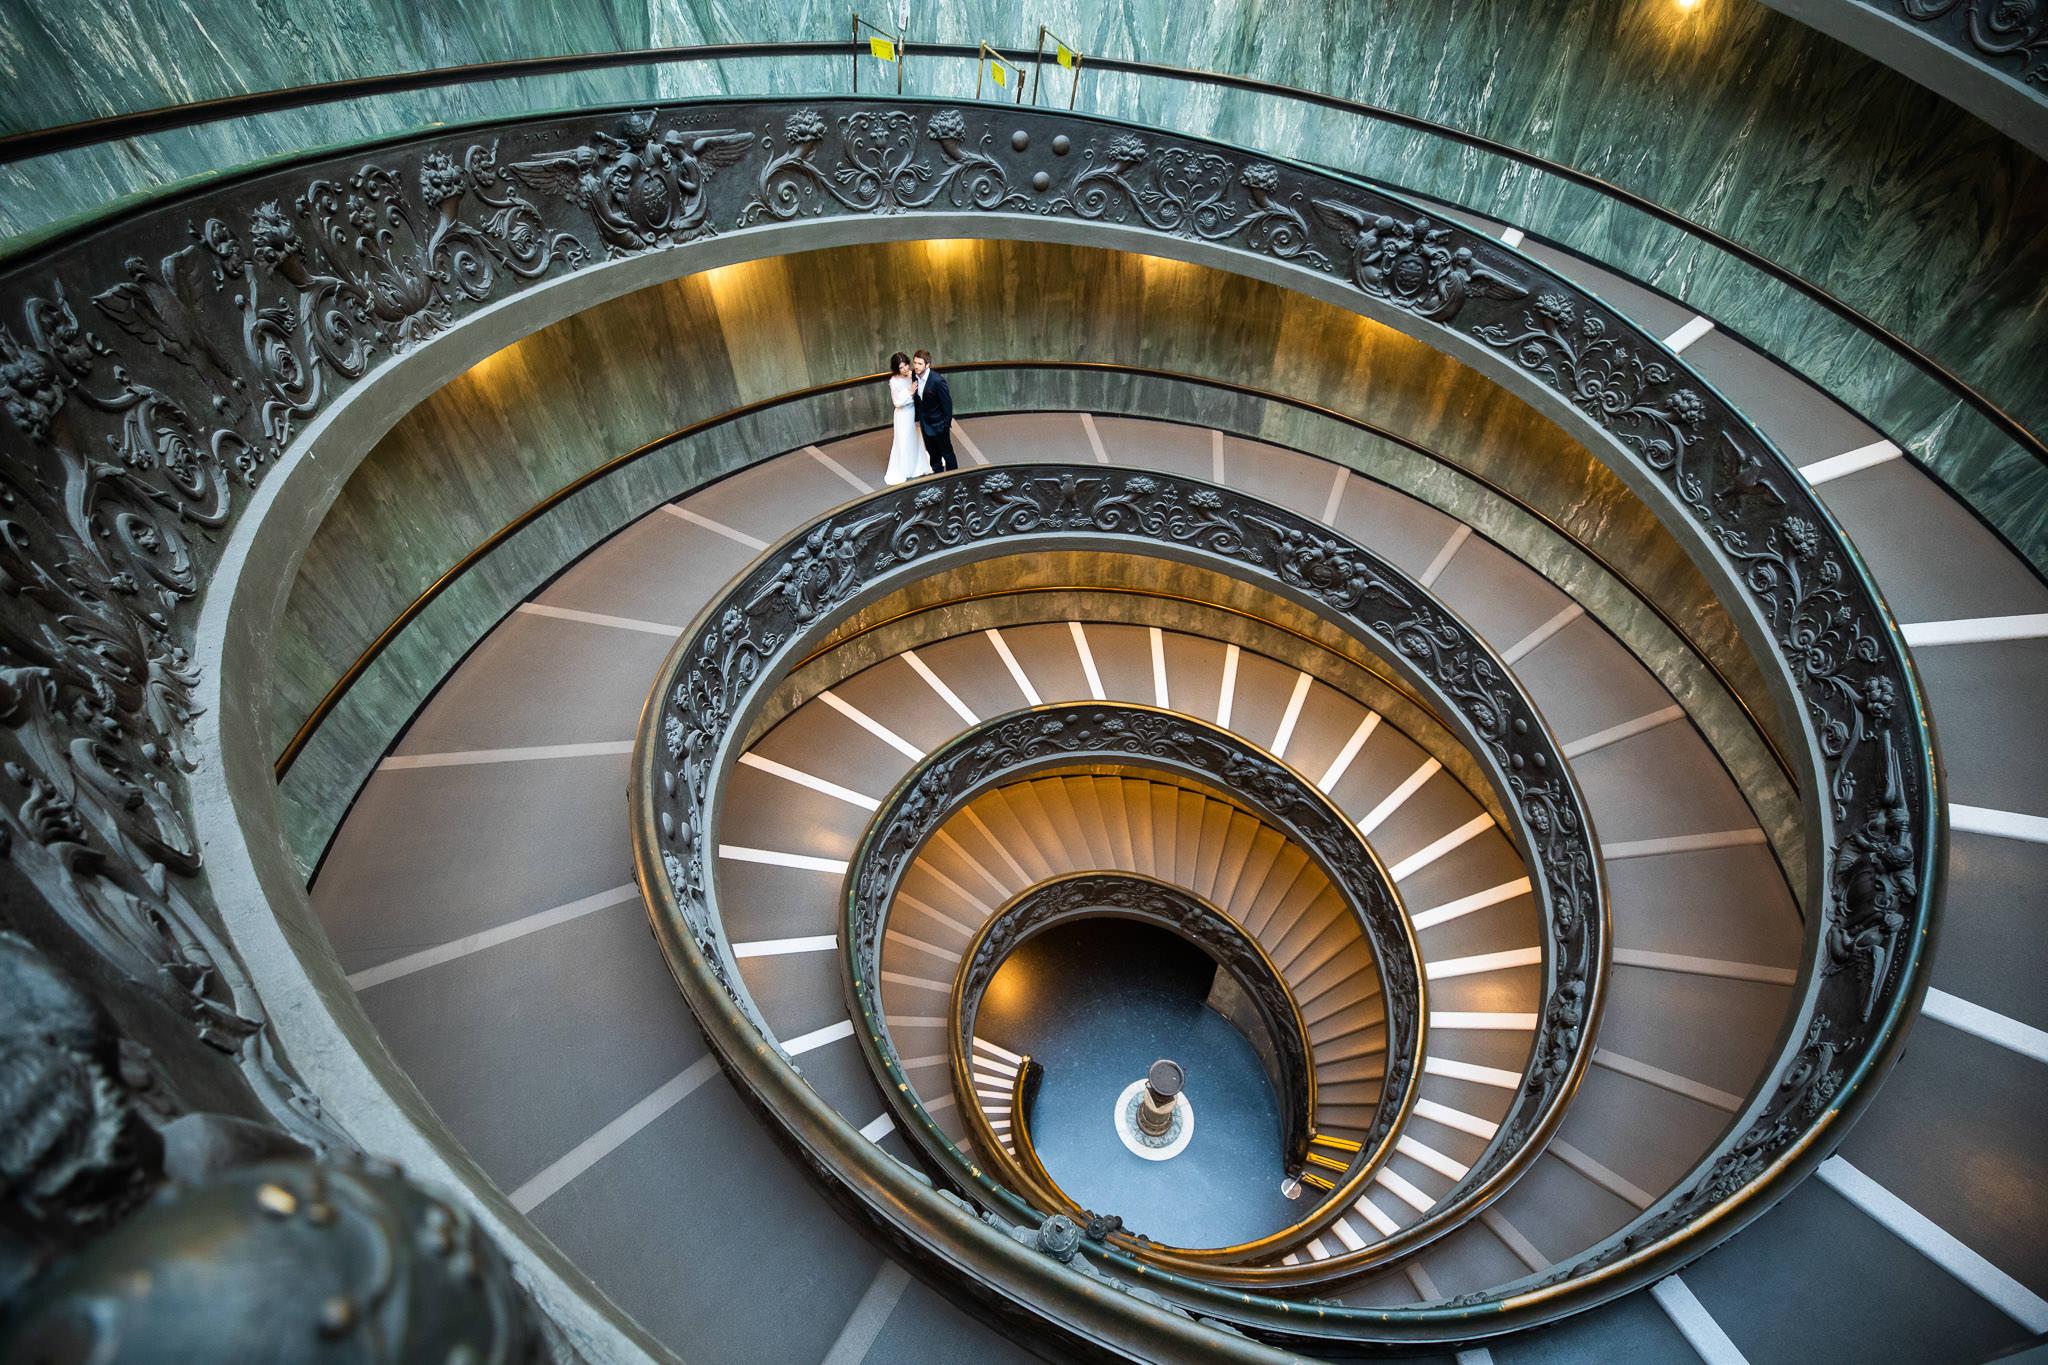 RomAntik , Ernst Merkhofer Exclusive, Fotograf, Rom , Signature Shot, Exlusive, Ernst Merkhofer, Pärchen, junges Paar, Foto Session, Photo Shoot, Staircase, Love, Portraits, Portrait, Rome,